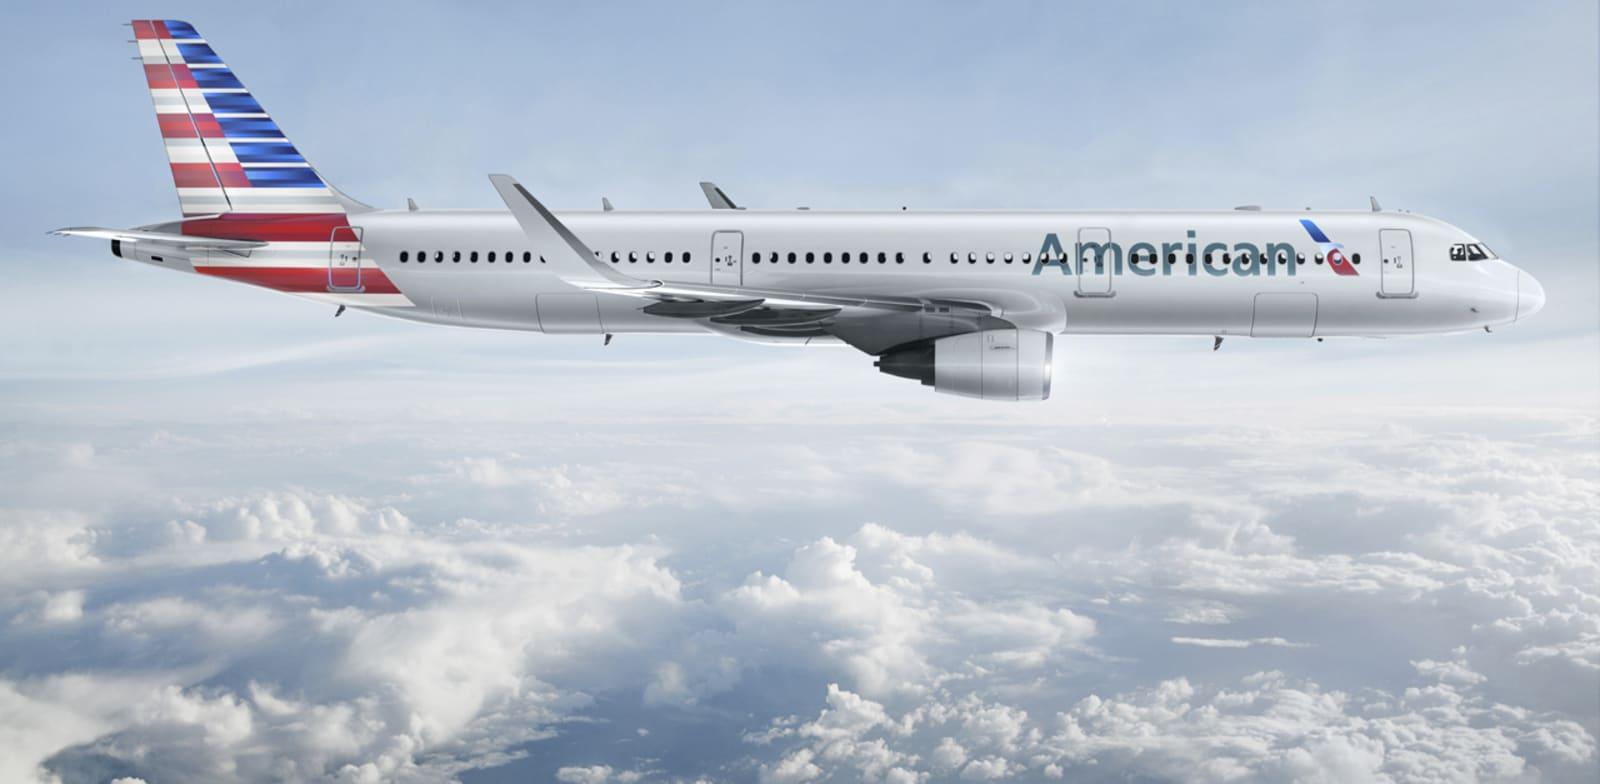 """מטוס אמריקן איירליינס / צילום: יח""""צ"""